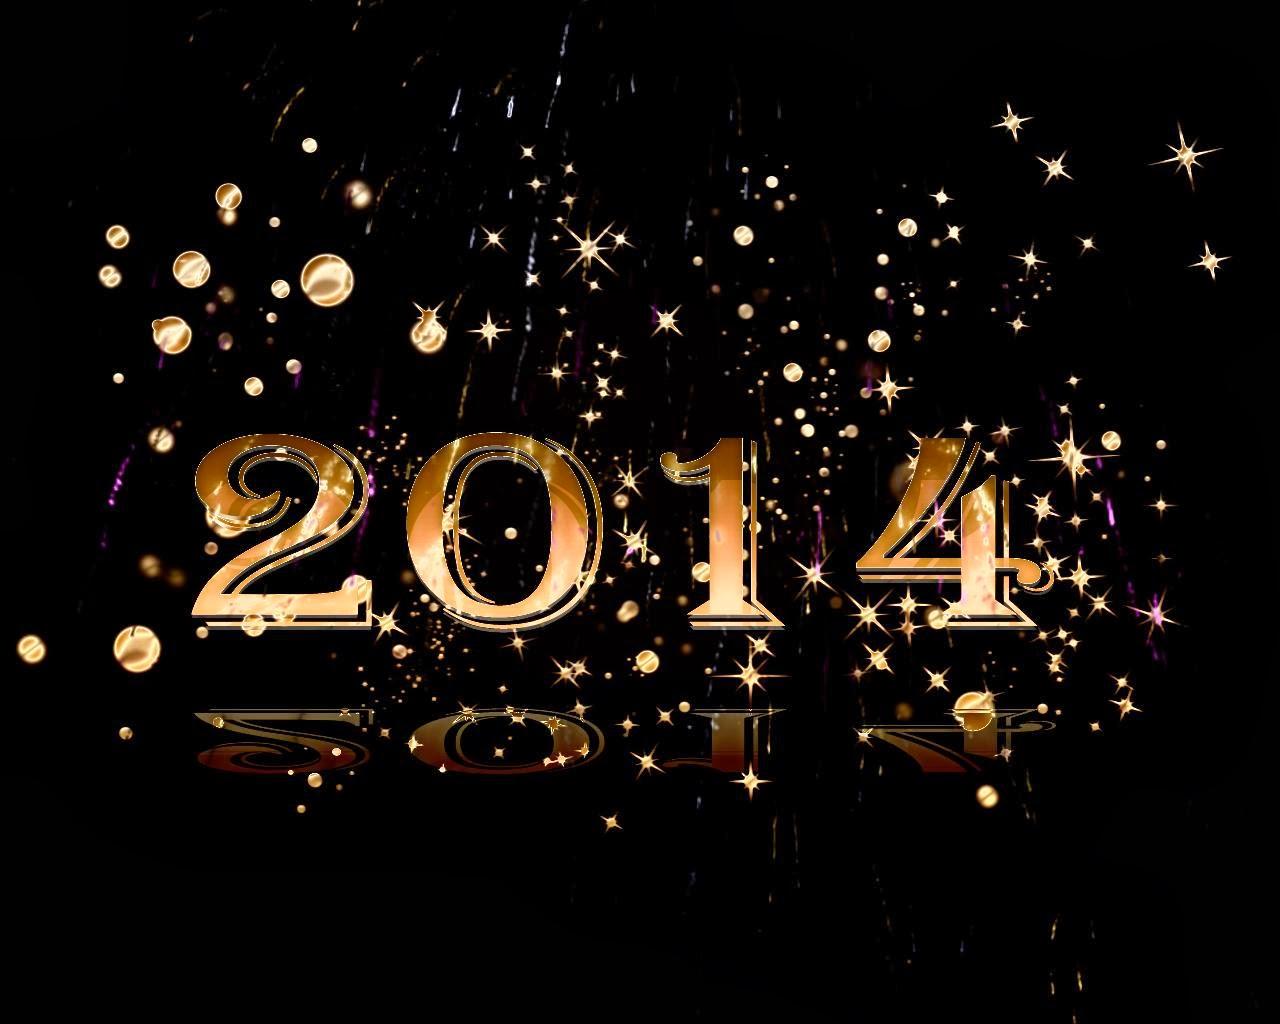 Fondos De Pantalla Hd De Ano Nuevo